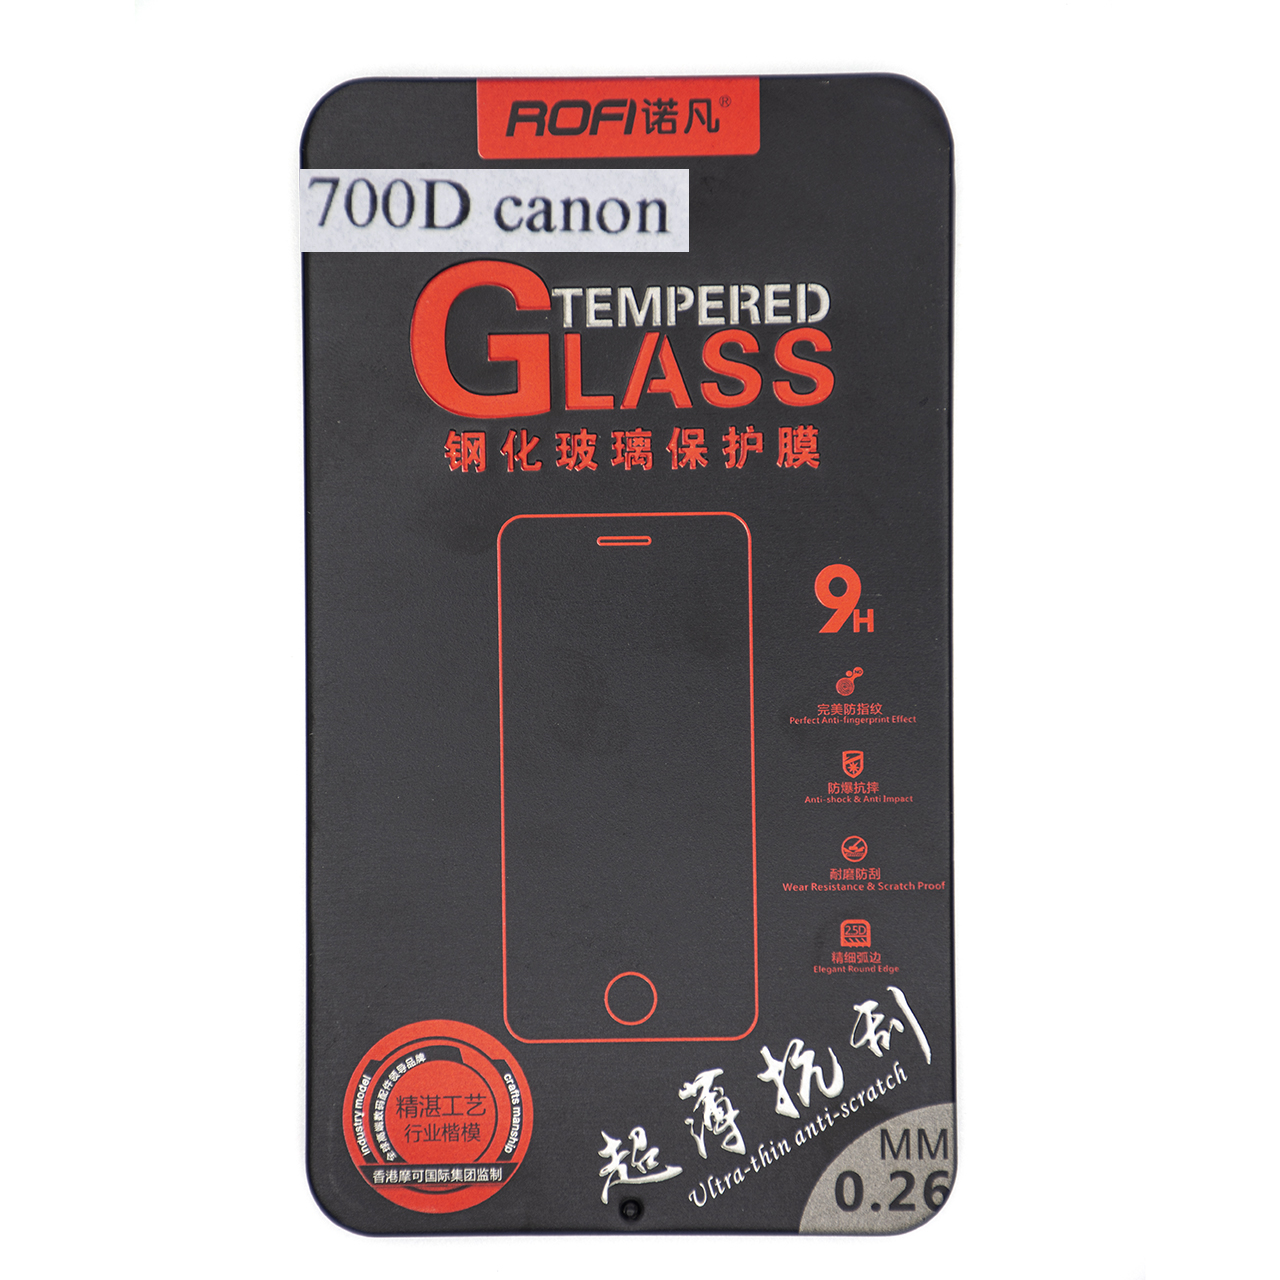 بررسی و {خرید با تخفیف} محافظ صفحه نمایش دوربین روفی مدل R700D مناسب برای کانن 700D اصل